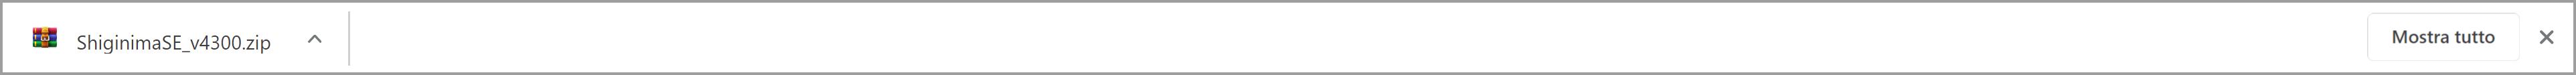 Questo è lo Screenshot del Download da aprire per entrare nella Cartella di Shiginima.